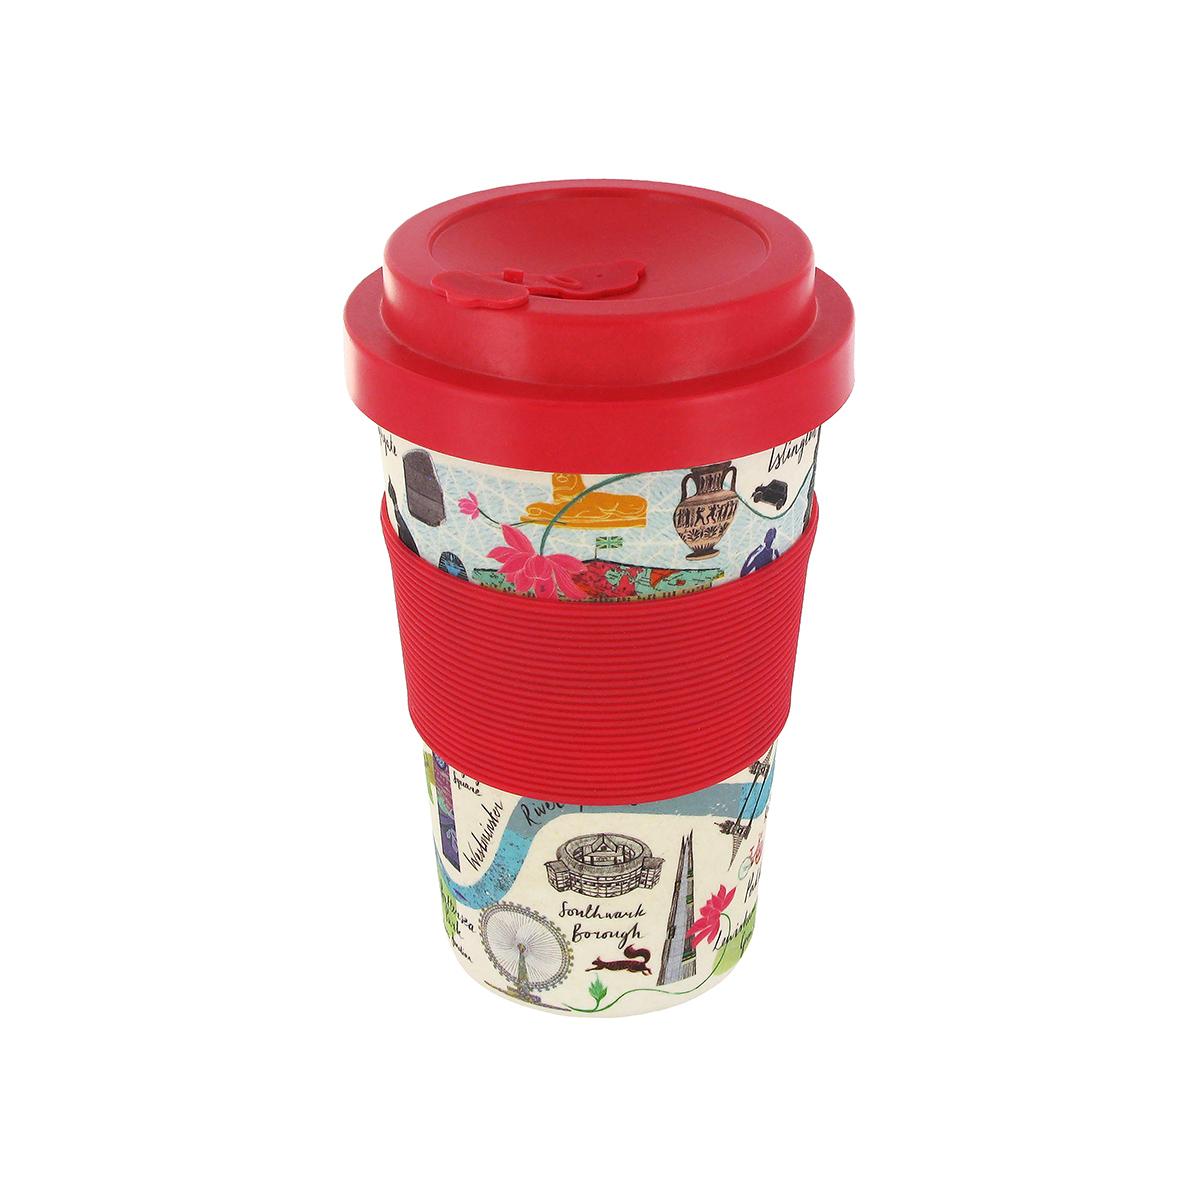 Josie Shenoy travel cup